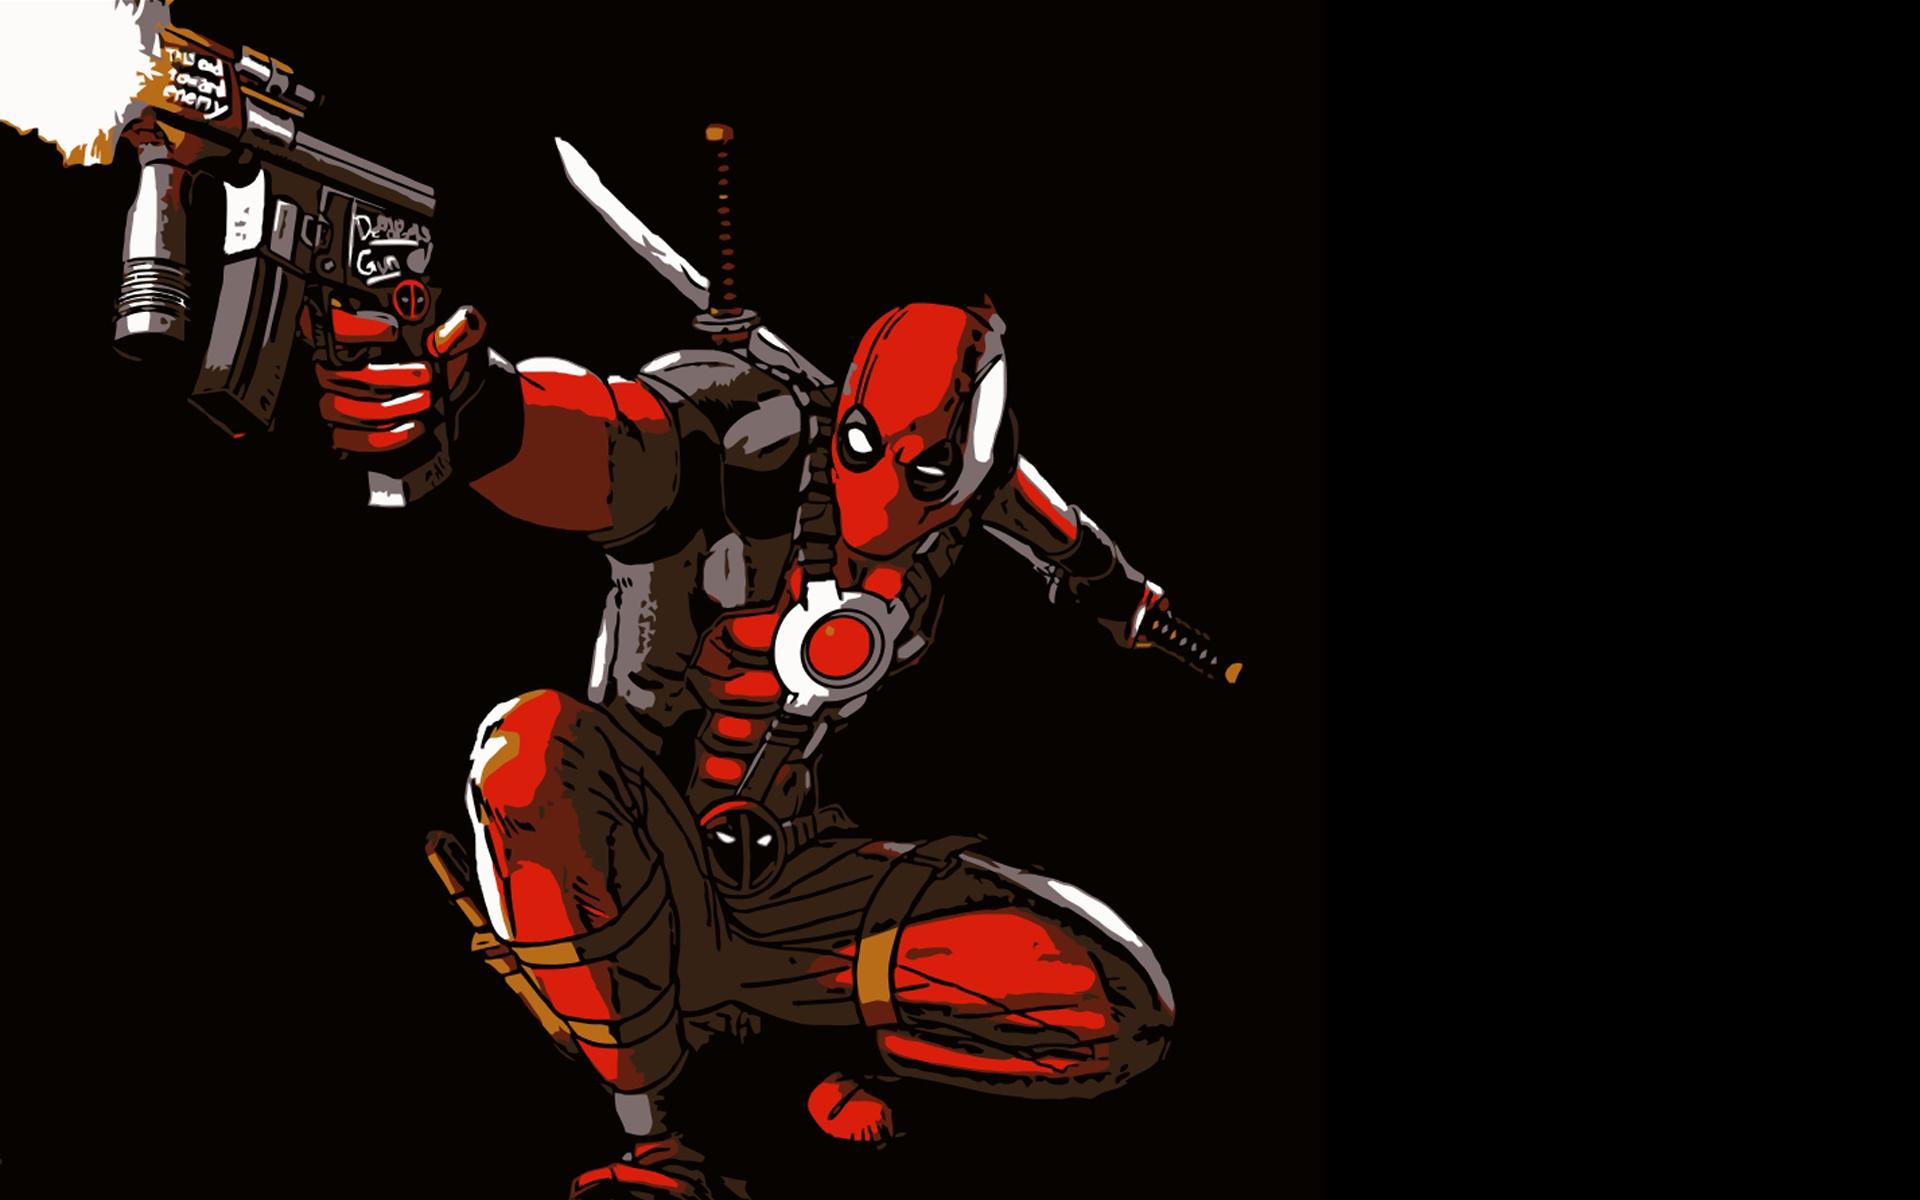 Deadpool Wallpaper Ipod Touch ImageBankbiz 1920x1200